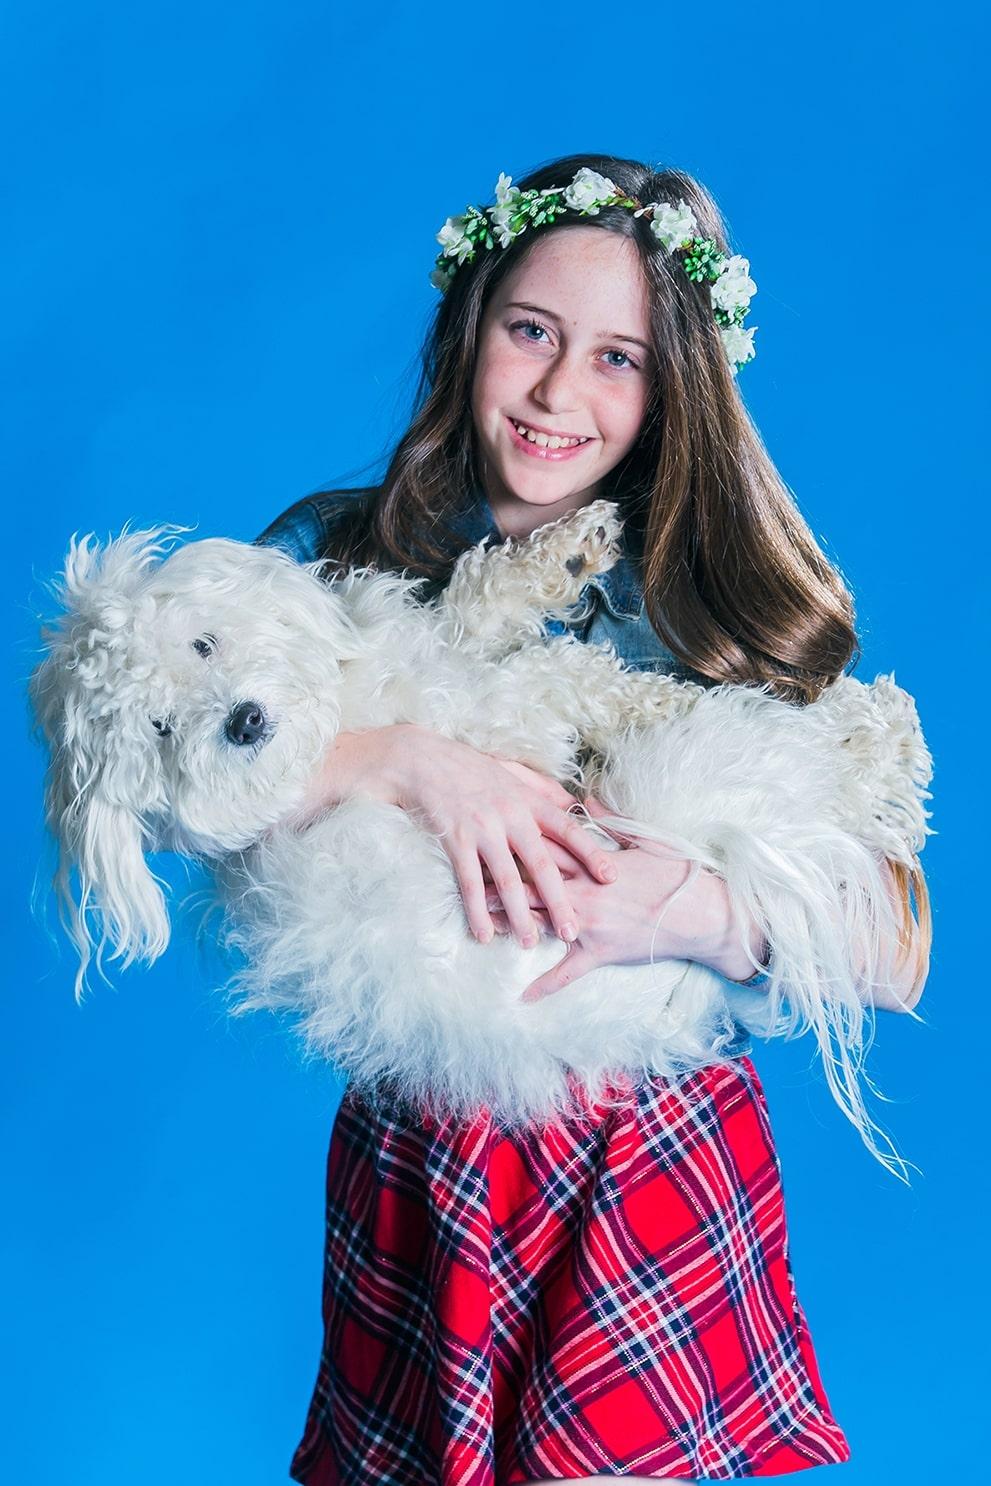 בוק בת מצווה עם כלב בסטודיו